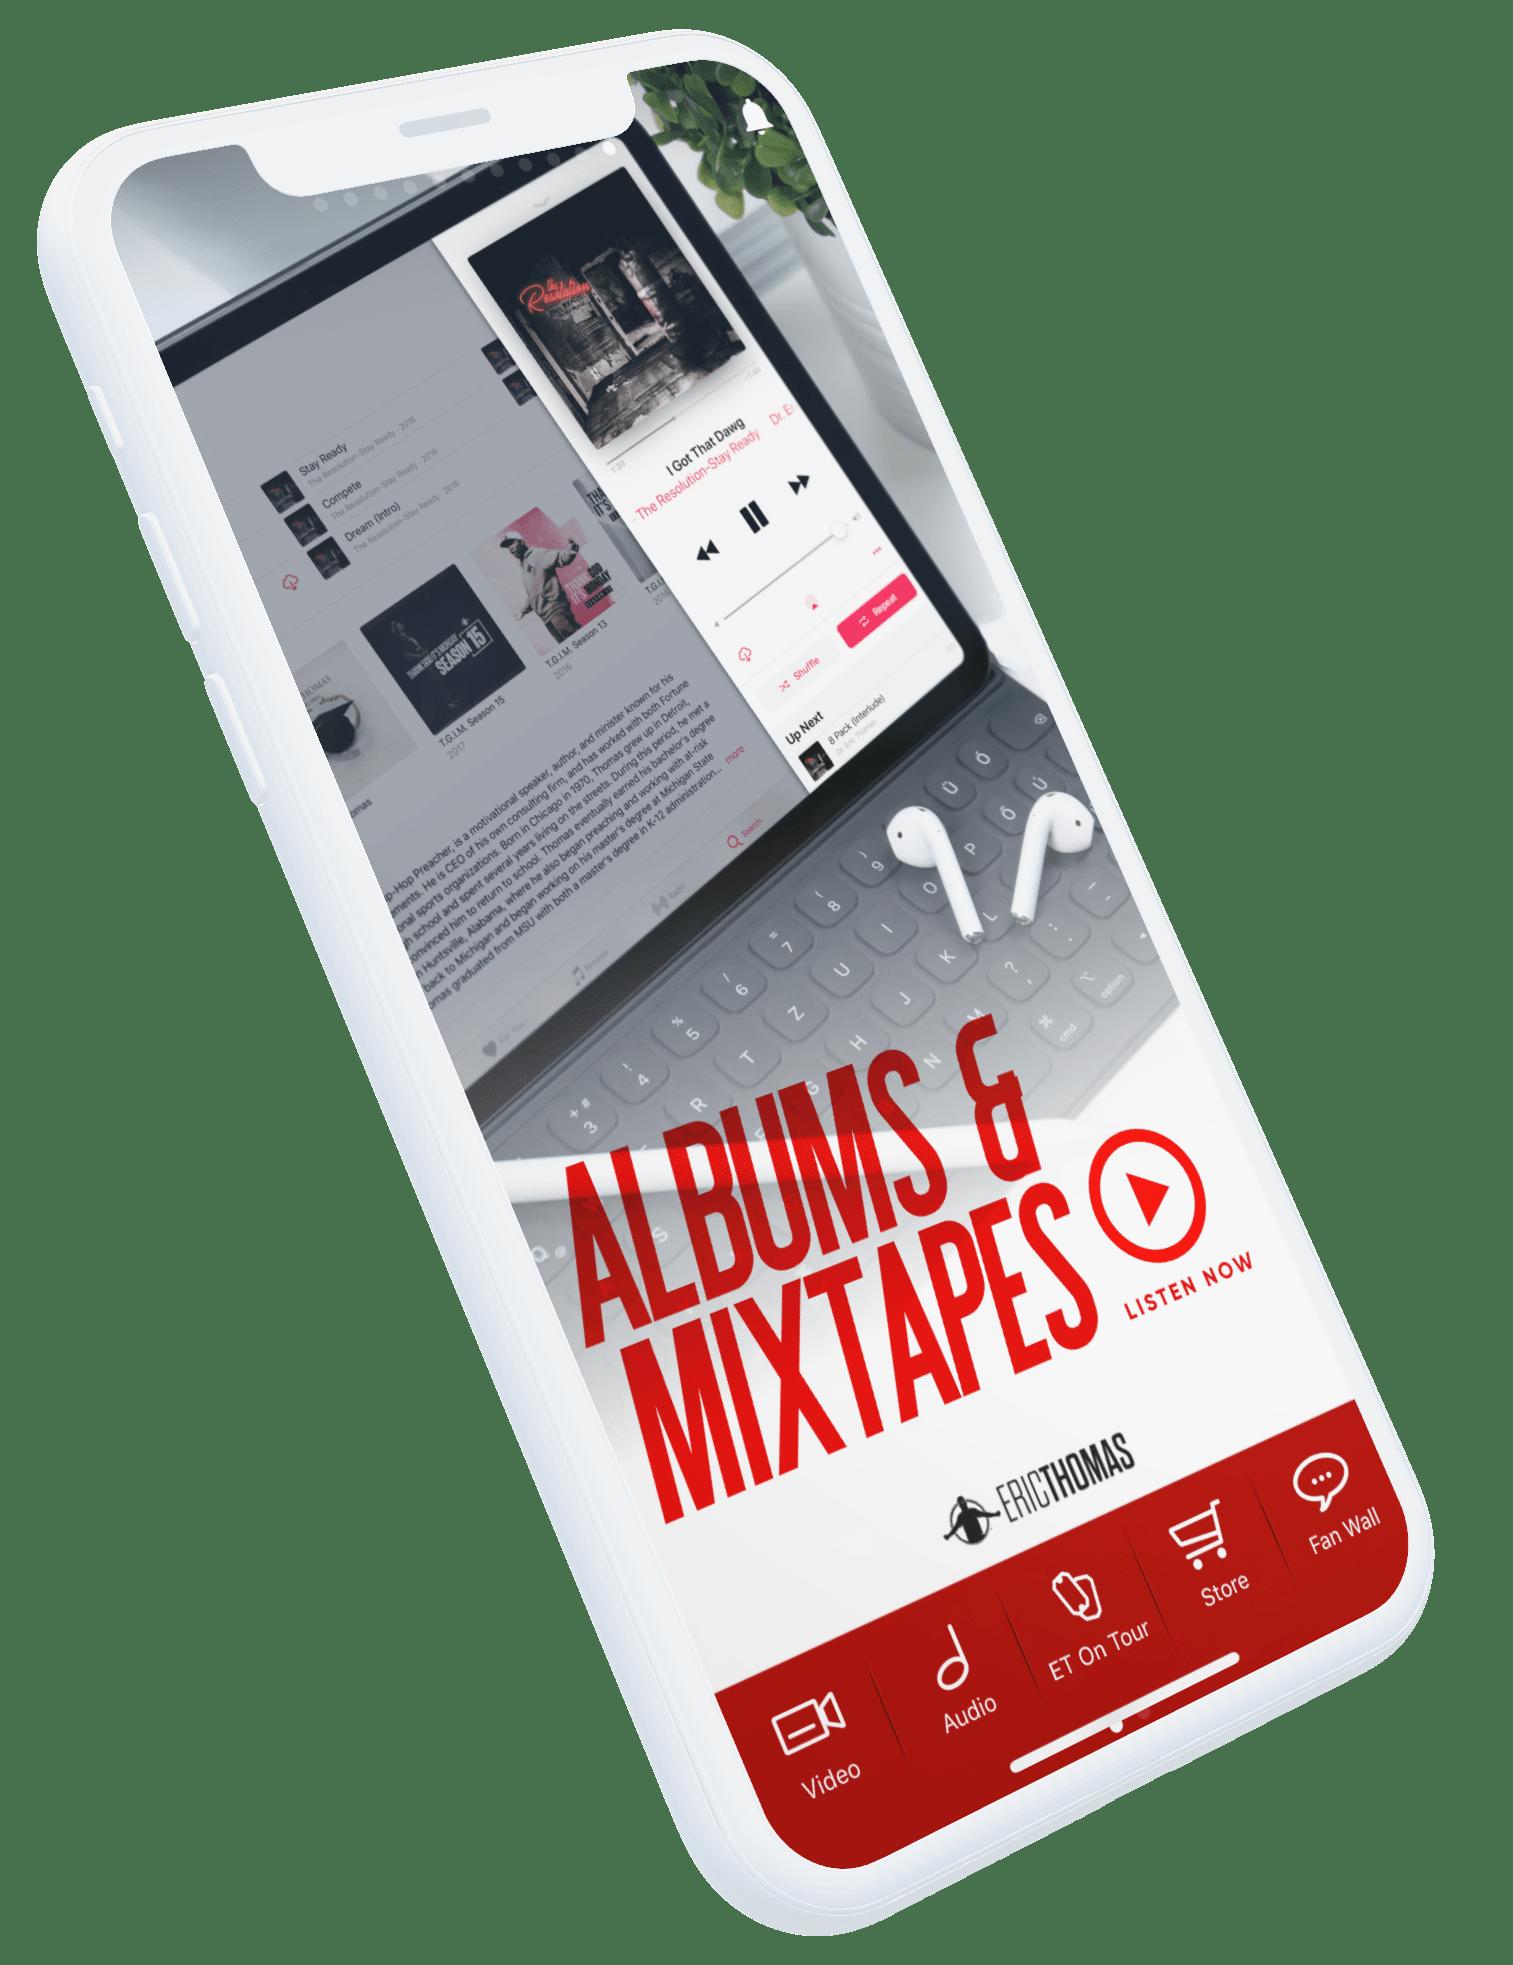 Design app stage image